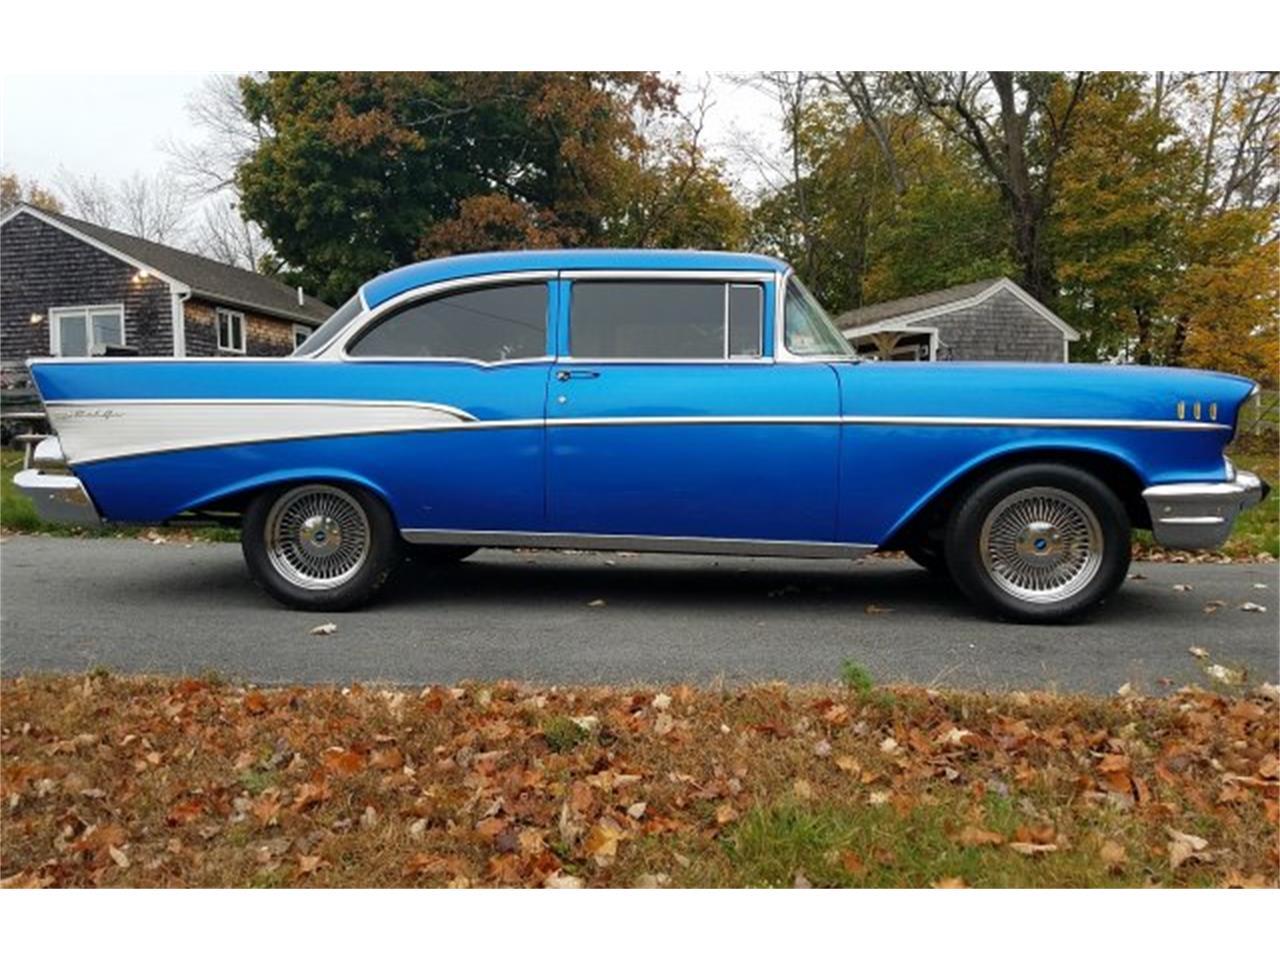 For Sale: 1957 Chevrolet Bel Air in Hanover, Massachusetts